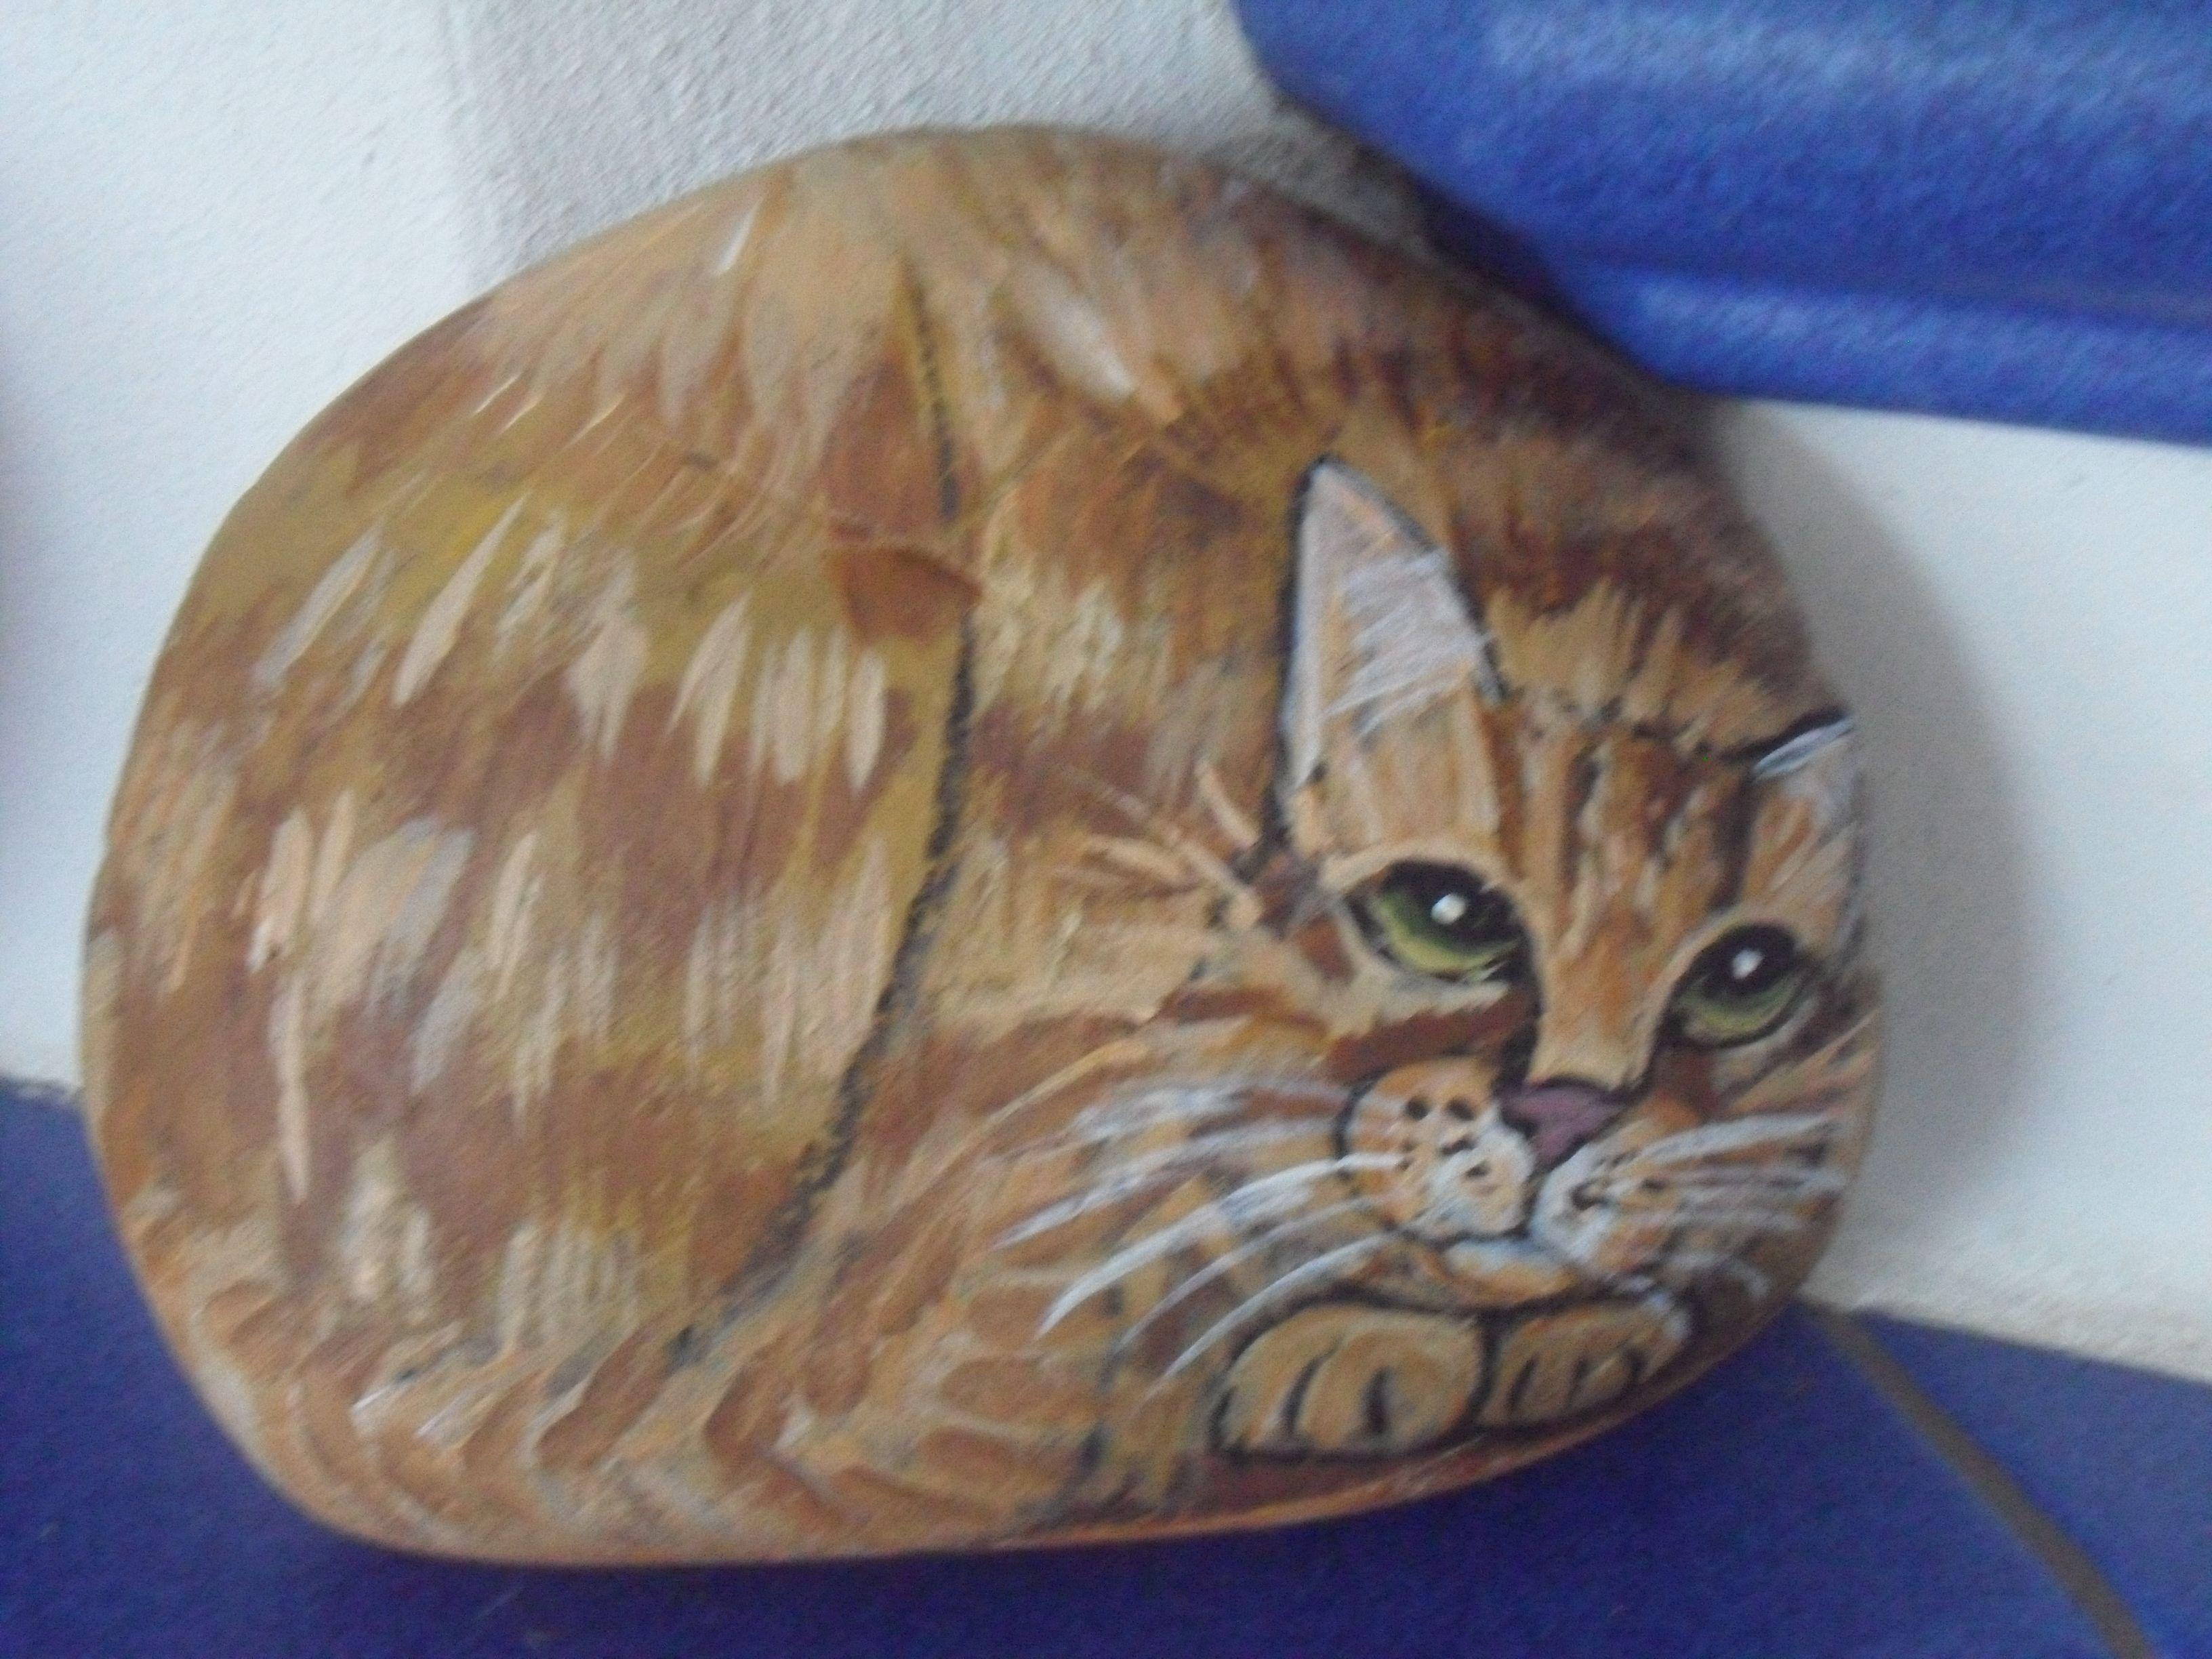 bemalter stein katze rot getigert bei ebay bemalter stein bemalte steine katzen tiere auf. Black Bedroom Furniture Sets. Home Design Ideas